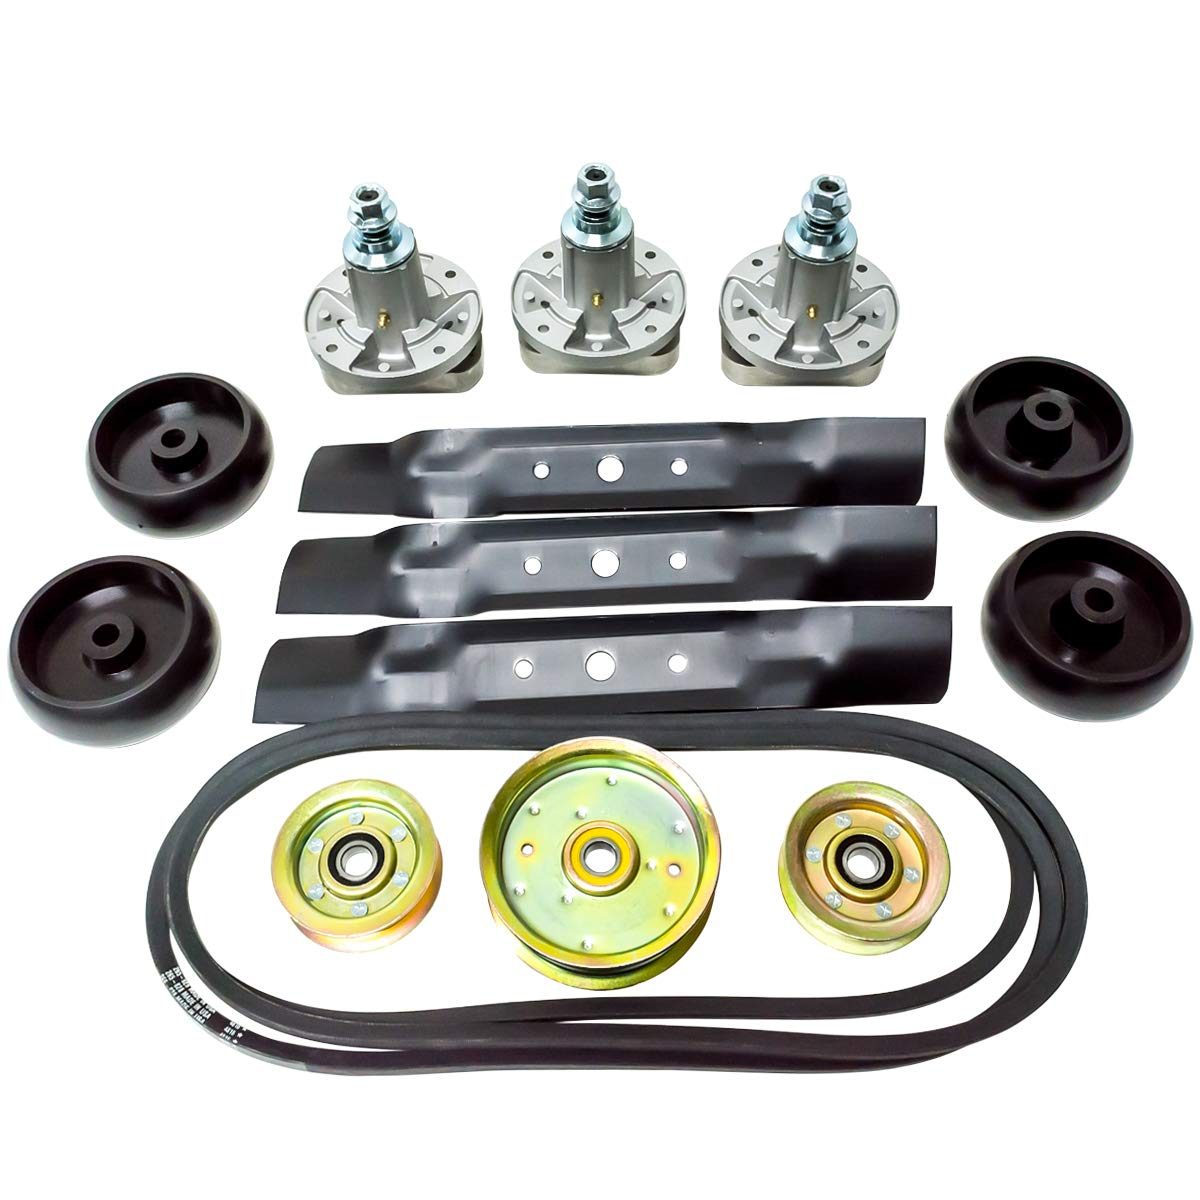 48'' Rebuild Deck Kit for John Deere LA120 130 145, D100, D110, D120, D140, D160, D170, G100, L100 Lawn Mowers